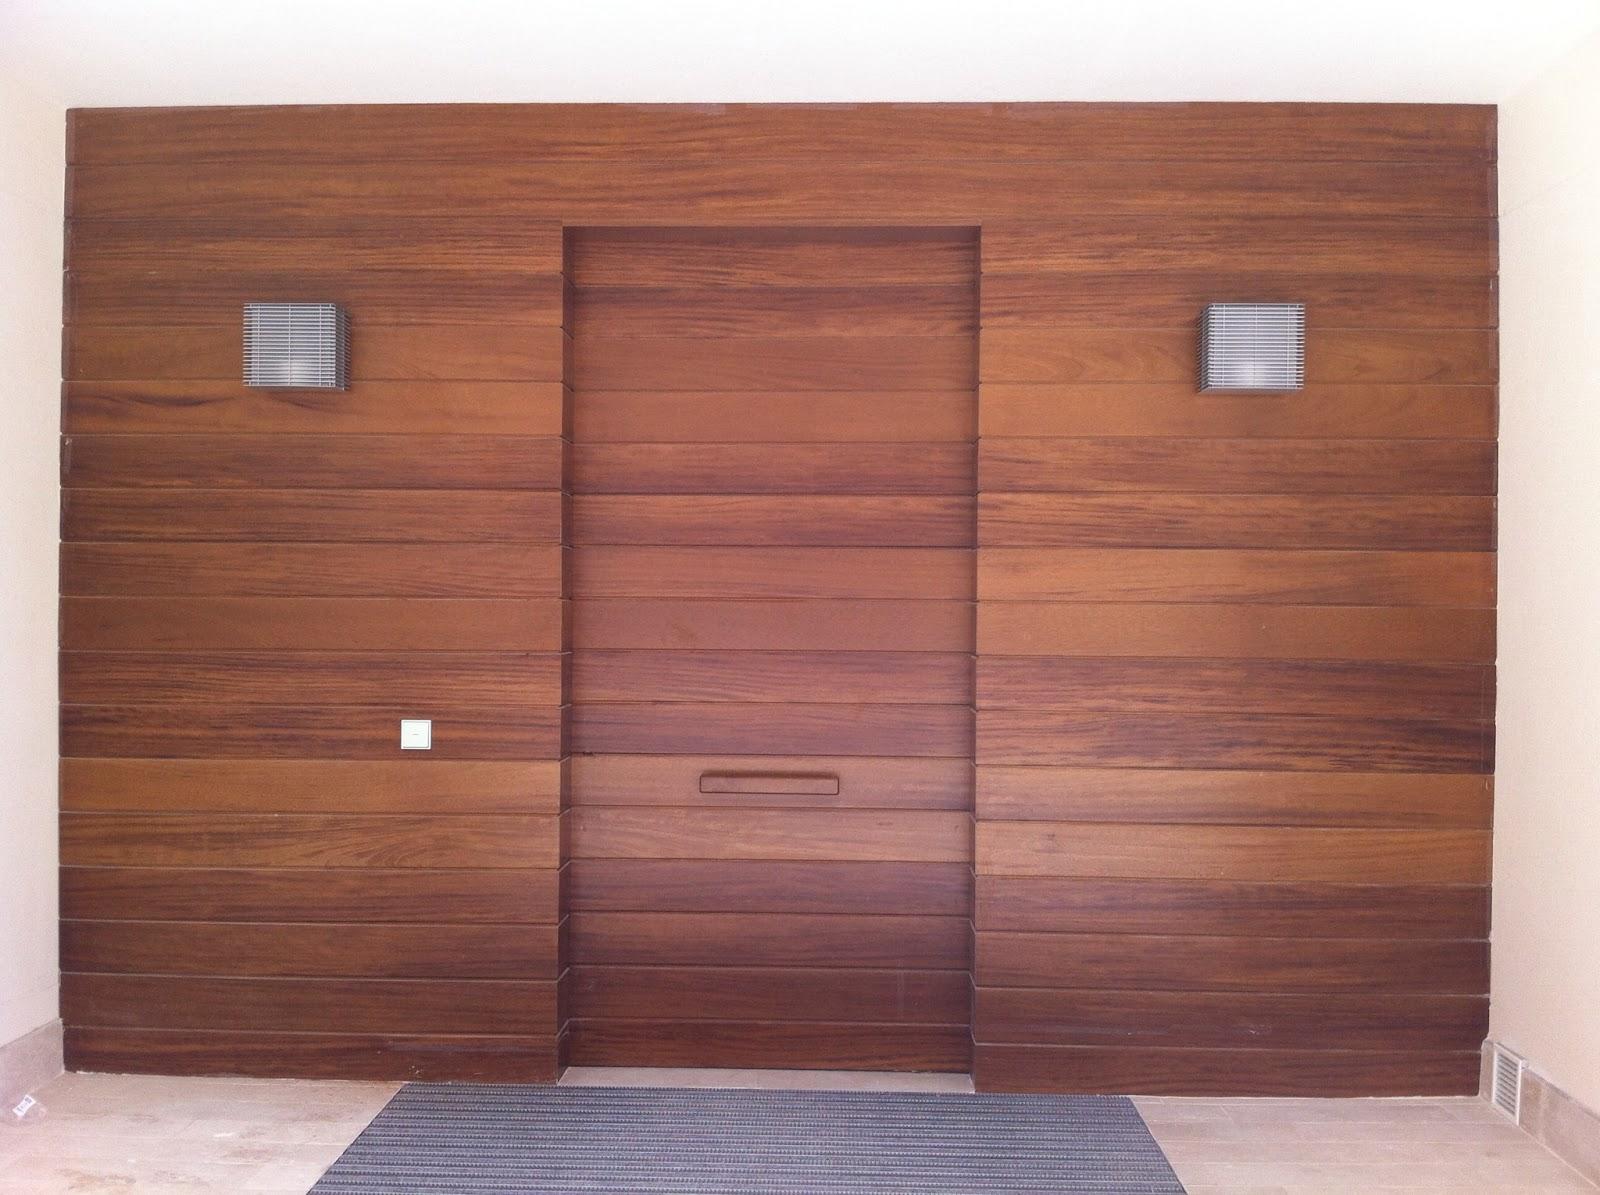 Fmcdesign entrada de madera de iroko - Entradas de madera ...